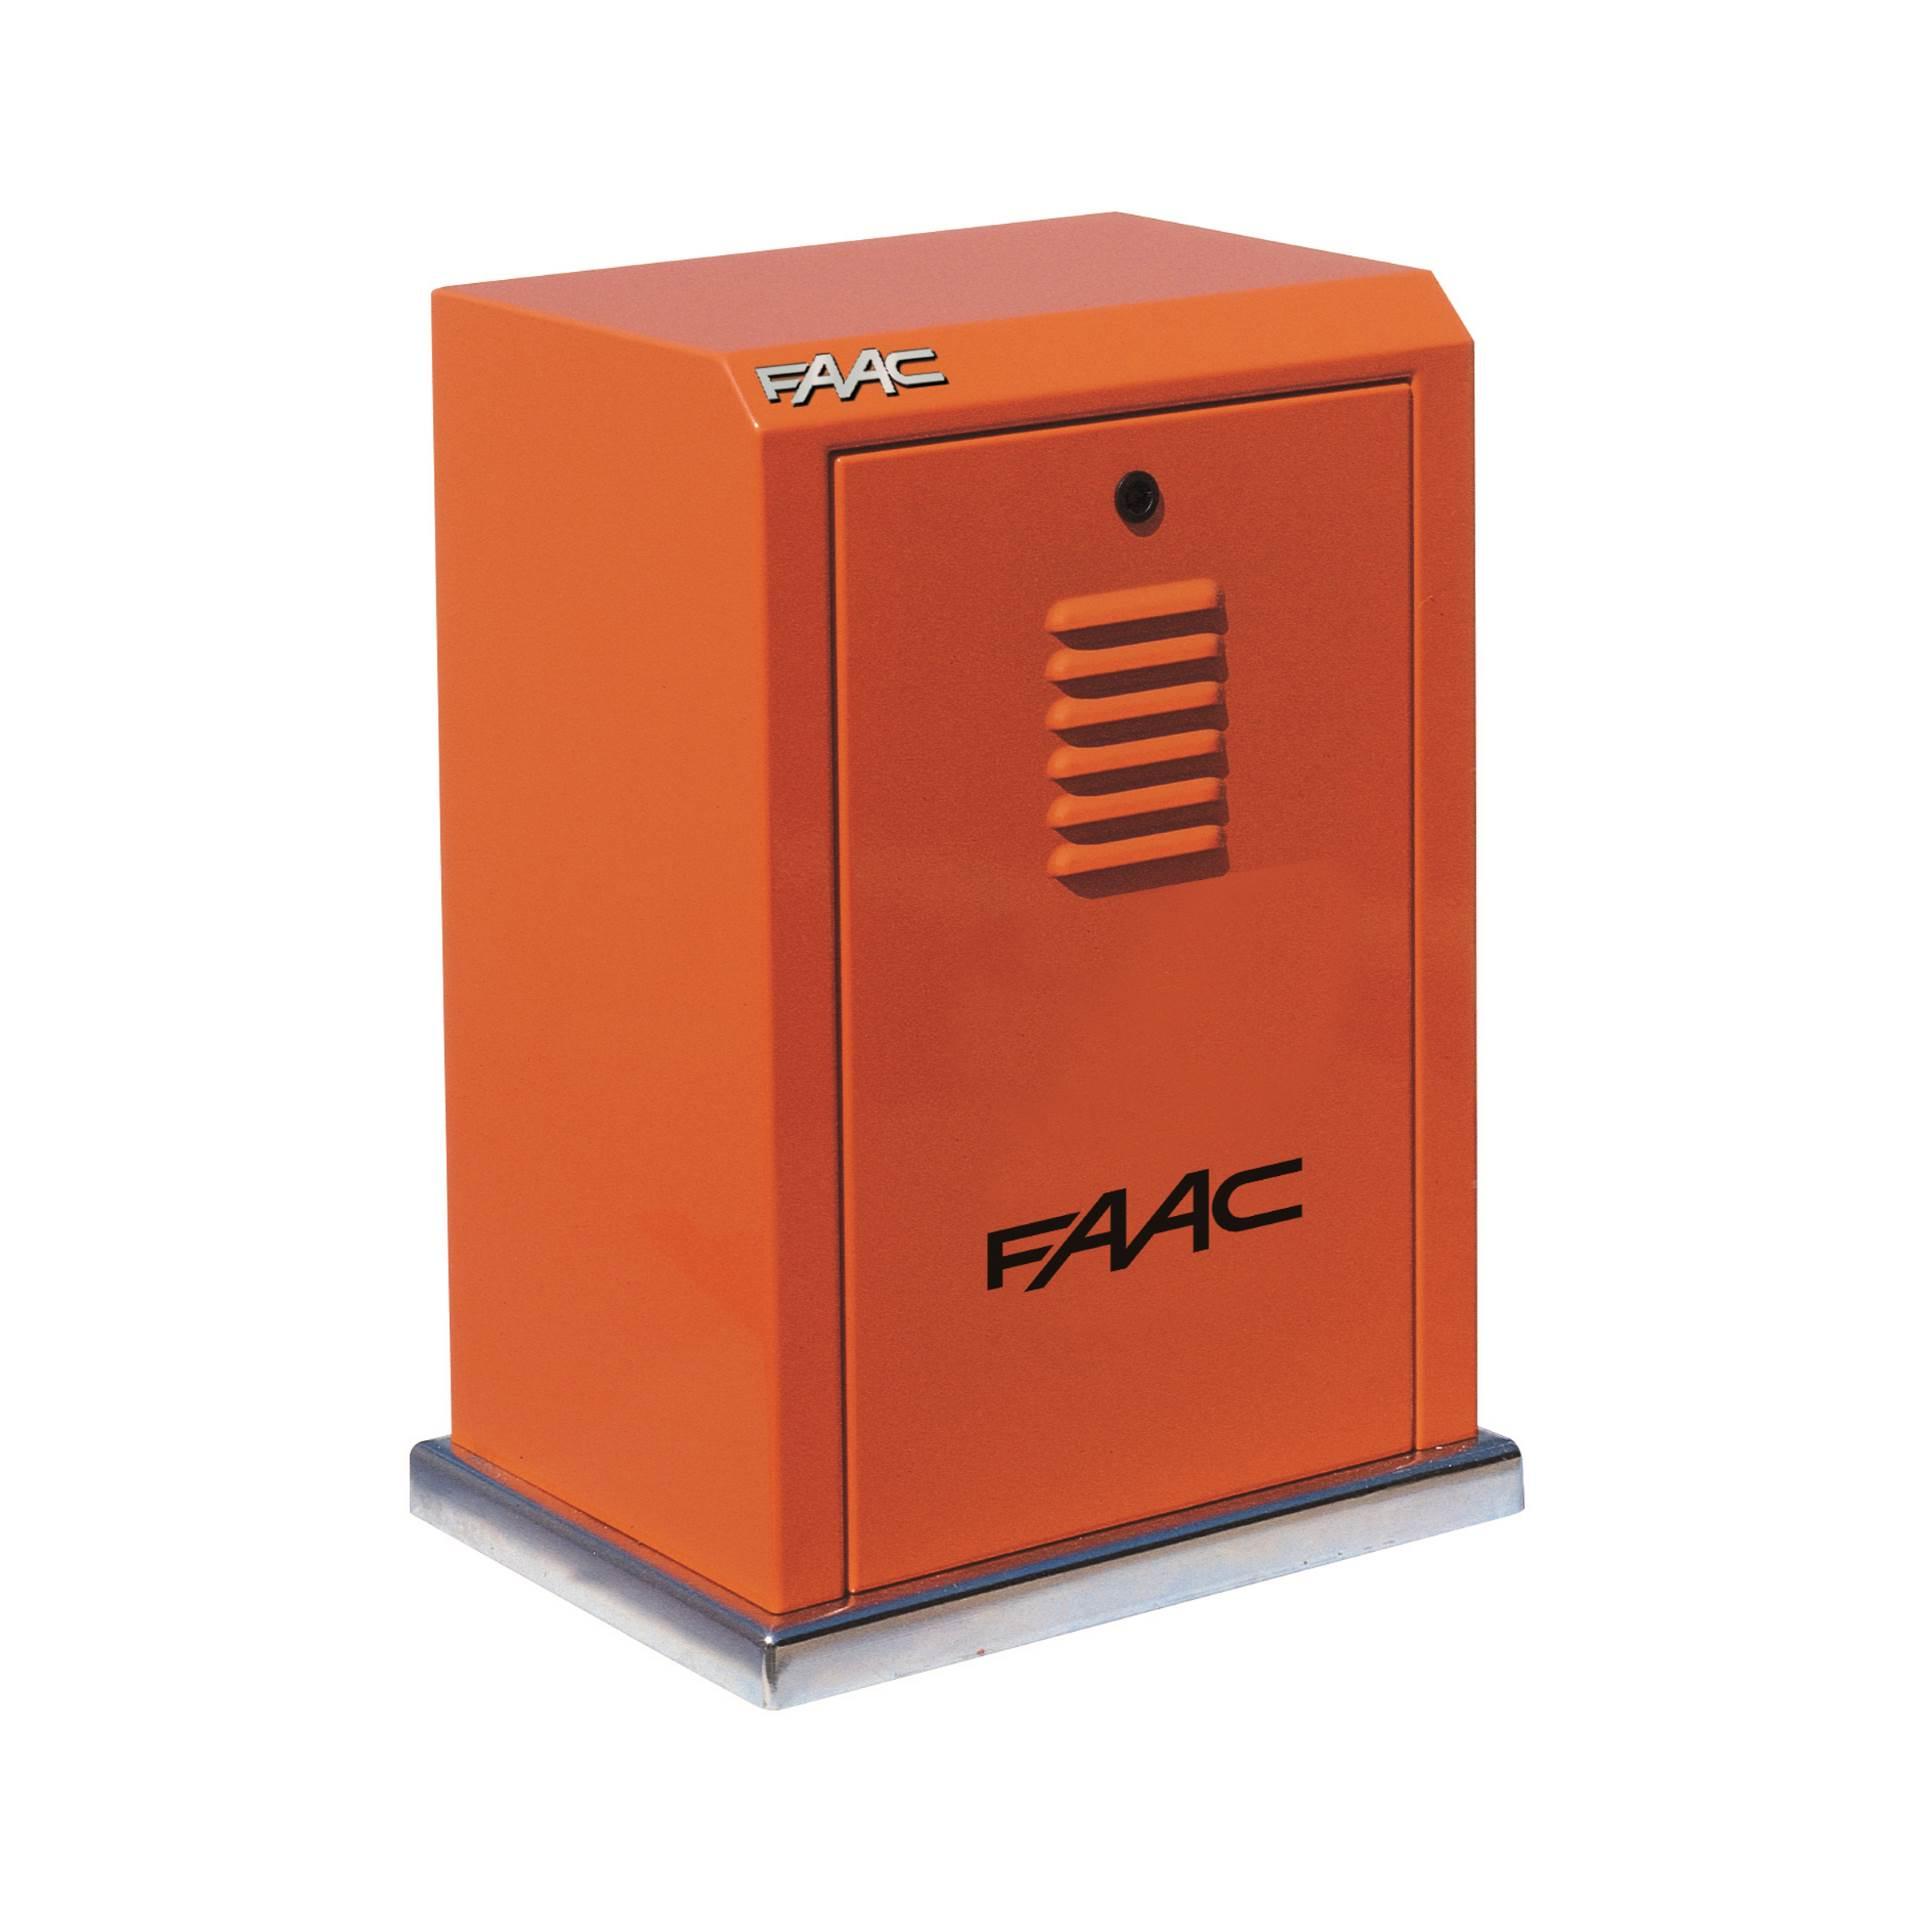 Napęd FAAC 884MC